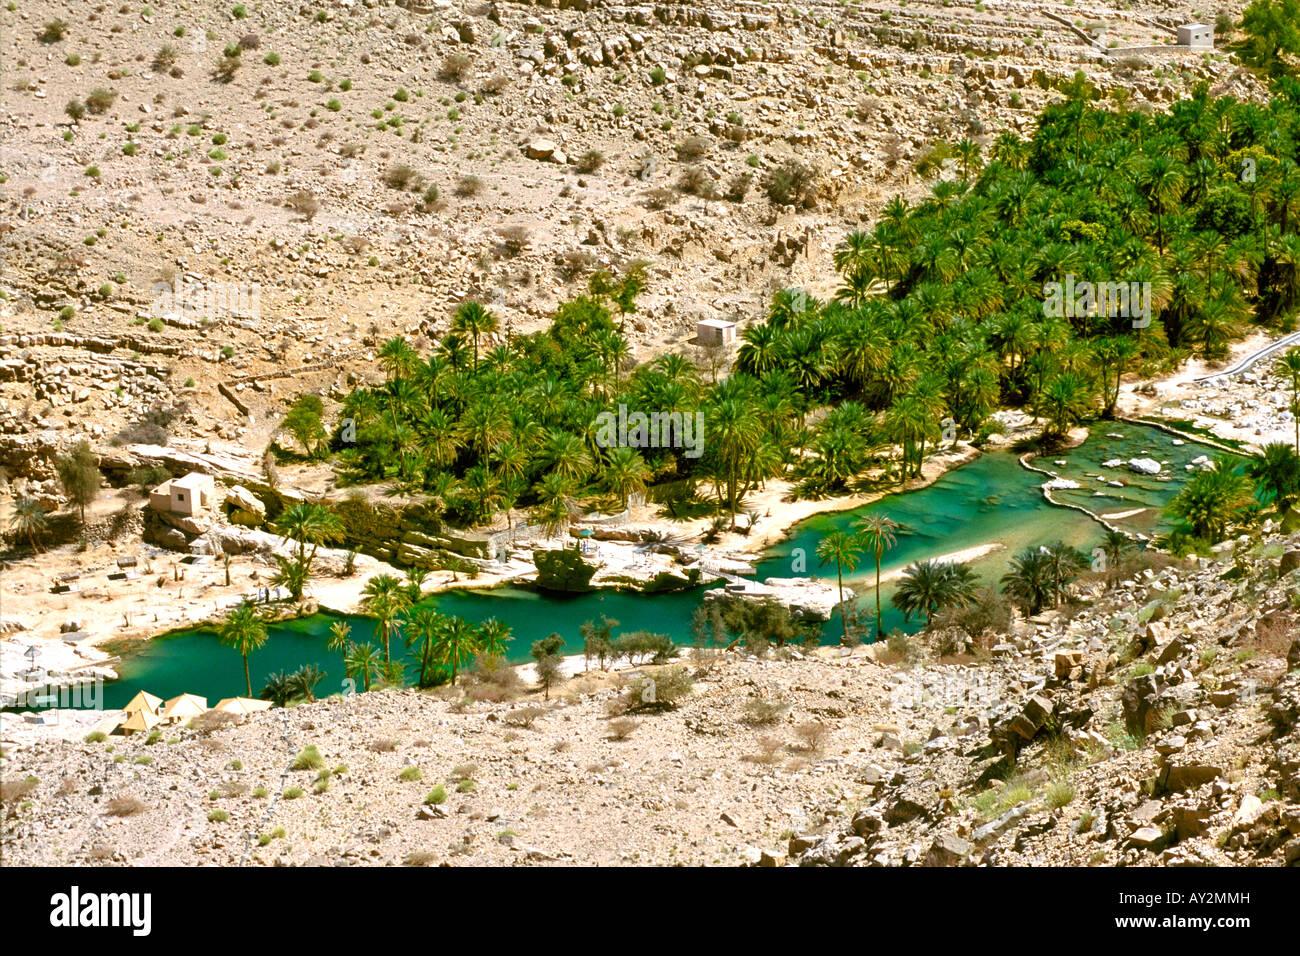 Di palme da dattero e piscine di roccia di Wadi Bani Khalid nella parte orientale delle montagne Hajar di Oman. Immagini Stock